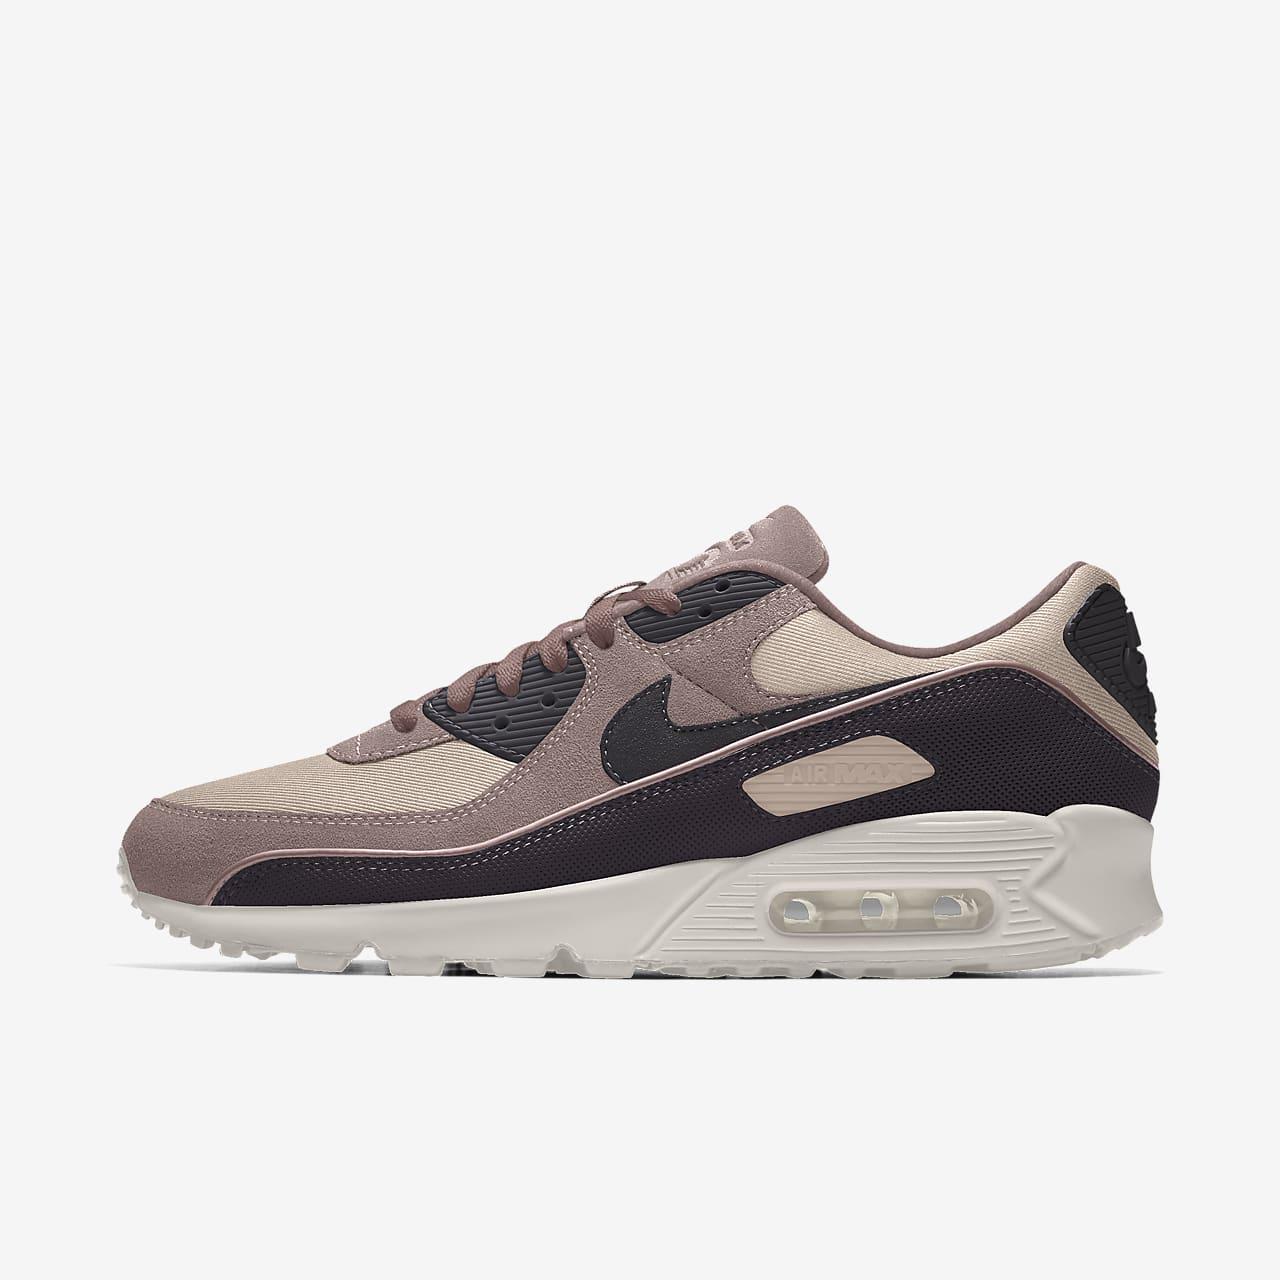 Nike Air Max 90 Unlocked By You Custom herenschoen